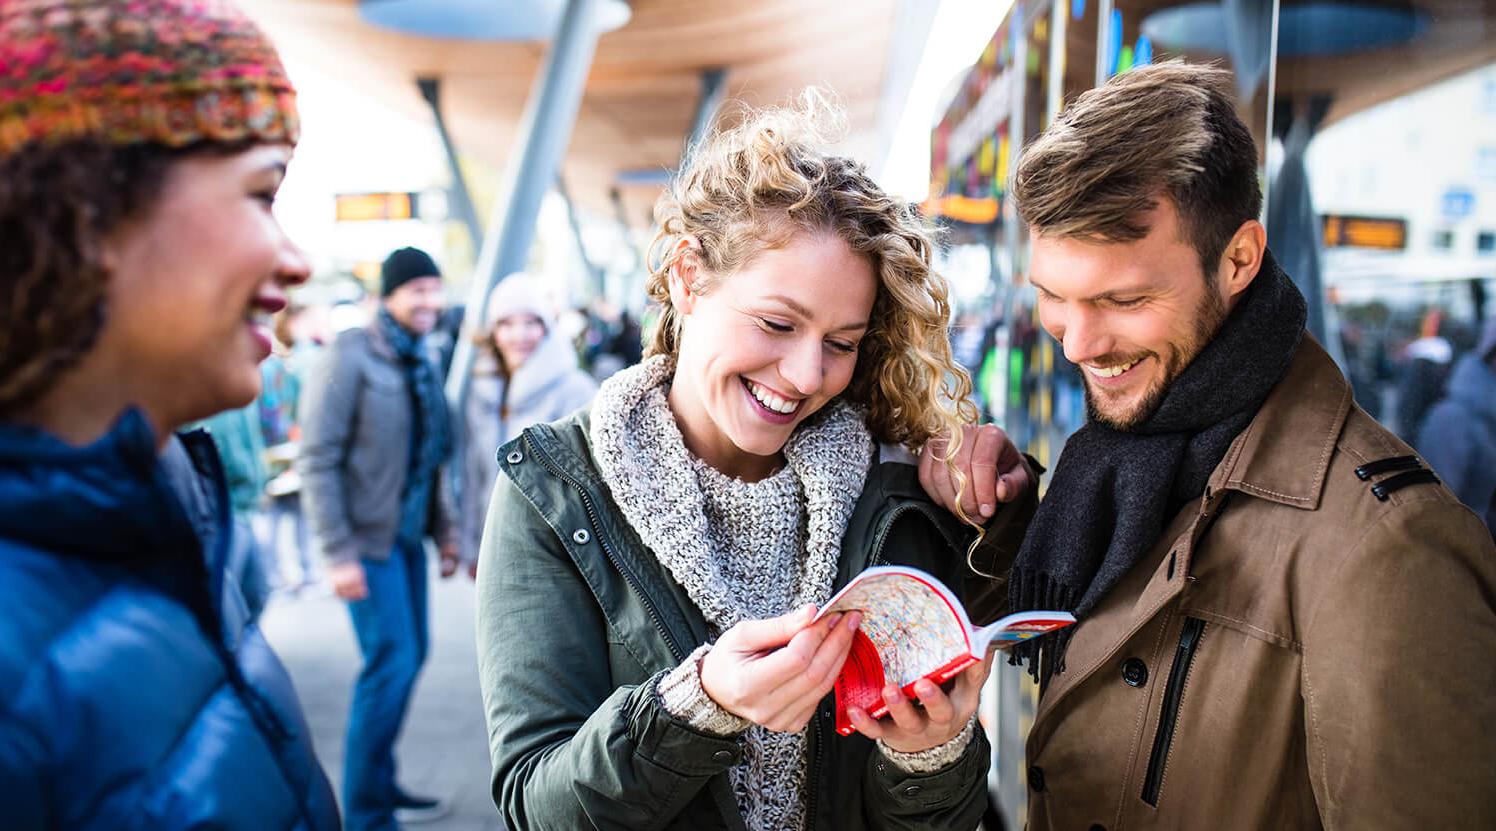 Eine Gruppe von Personen steht lachend an einem Busbahnhof und blättert in einem Ticketflyer.